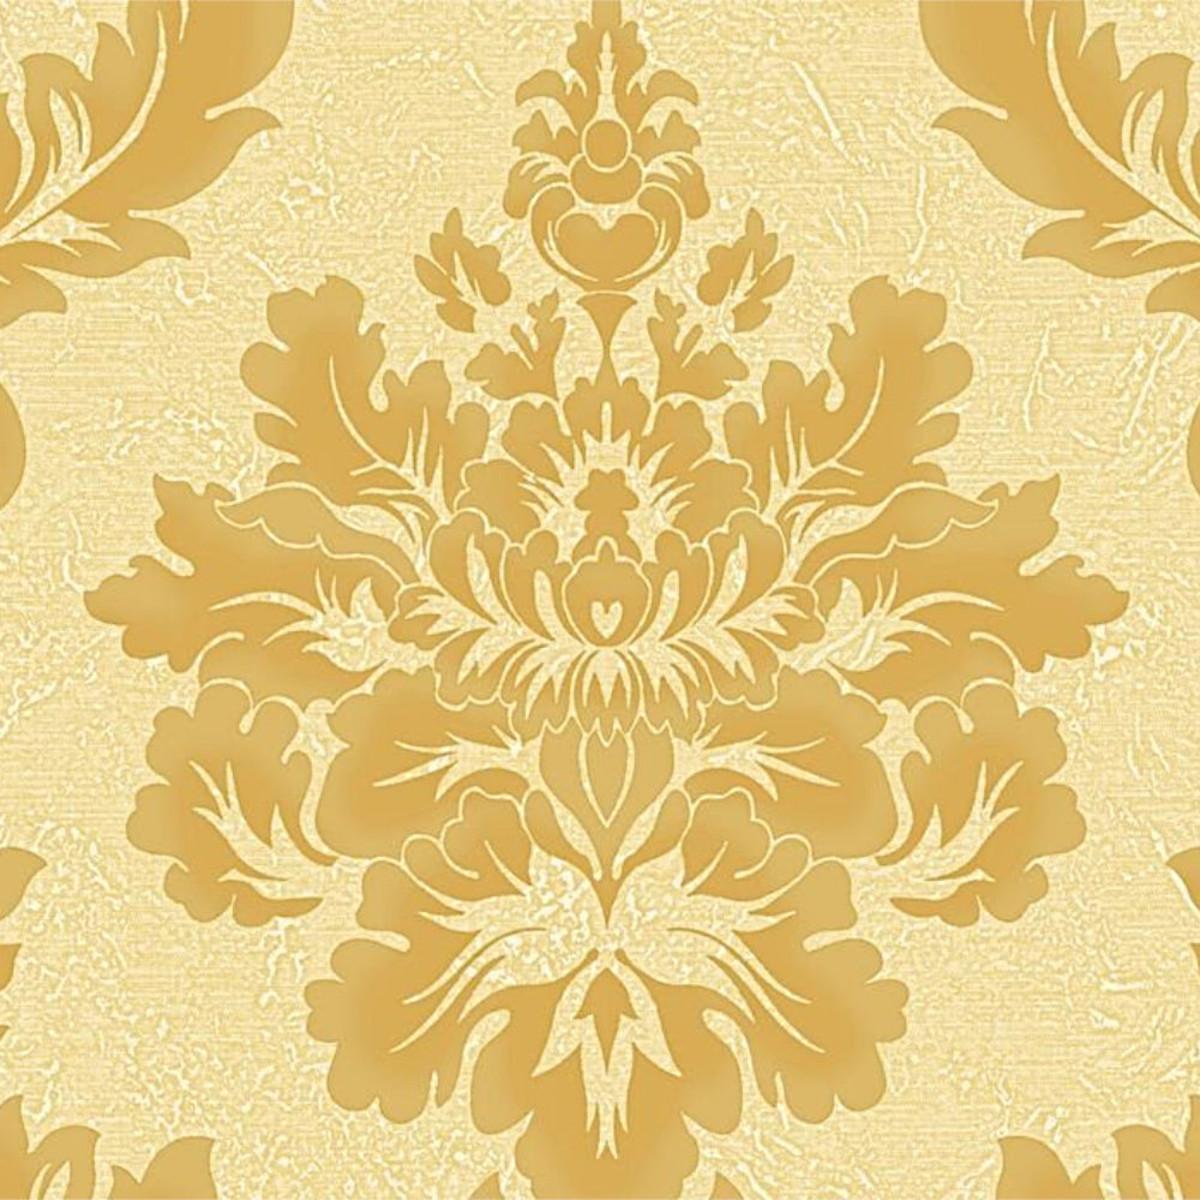 Обои виниловые Gaenari желтые 1.06 м 88275-2